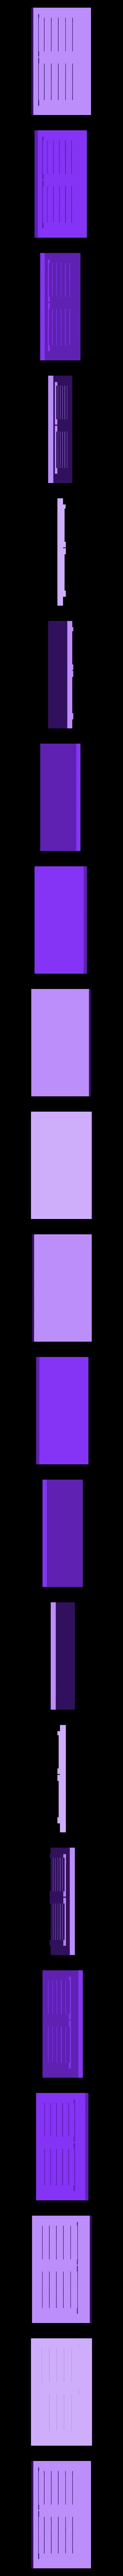 t_terr_door1b_1.stl Télécharger fichier STL gratuit Ripper's London - Maisons à haute hauteur • Design pour imprimante 3D, Earsling